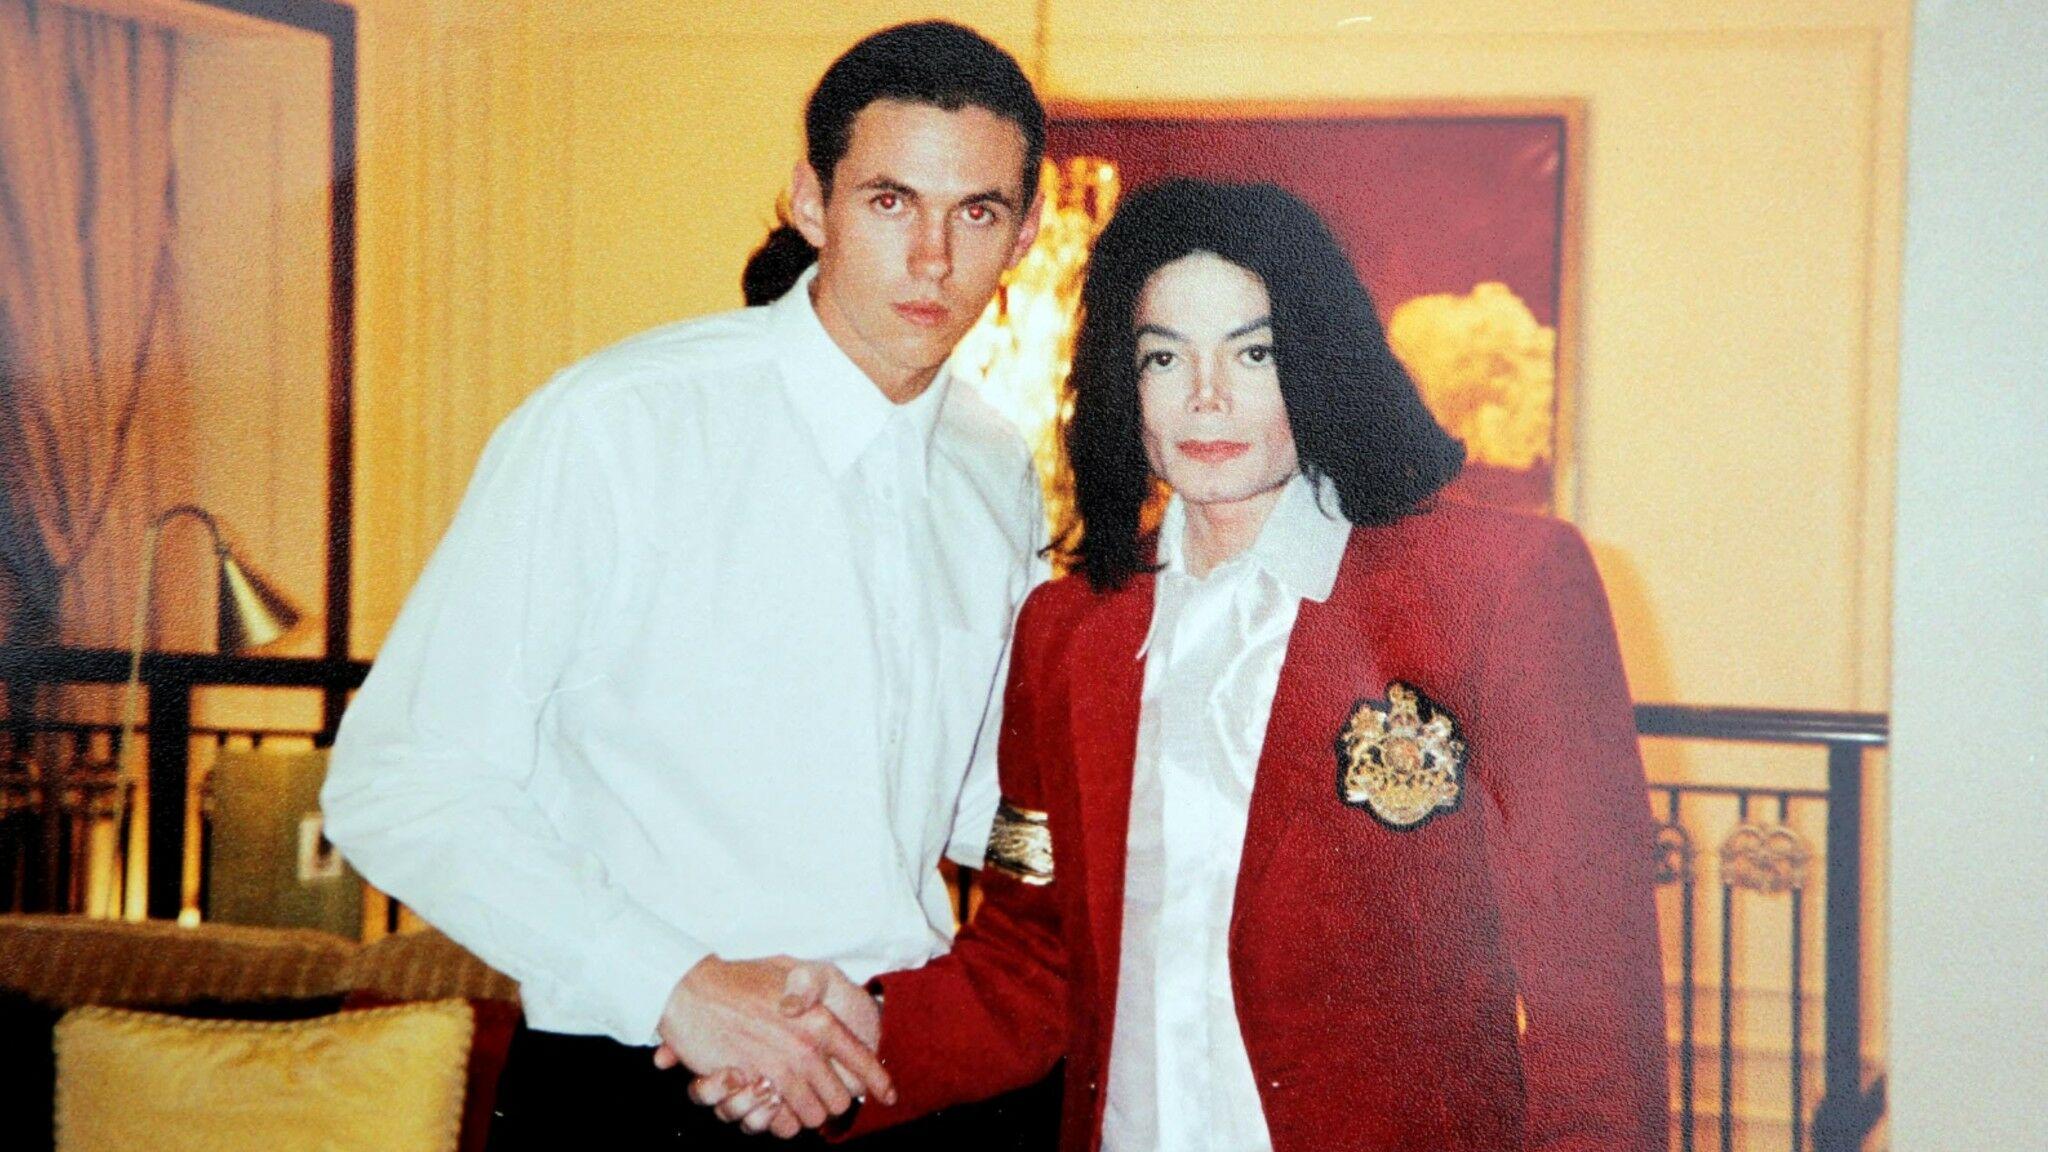 Michael Jackson accusé de pédophilie, son ancien garde du corps fait des révélations choc